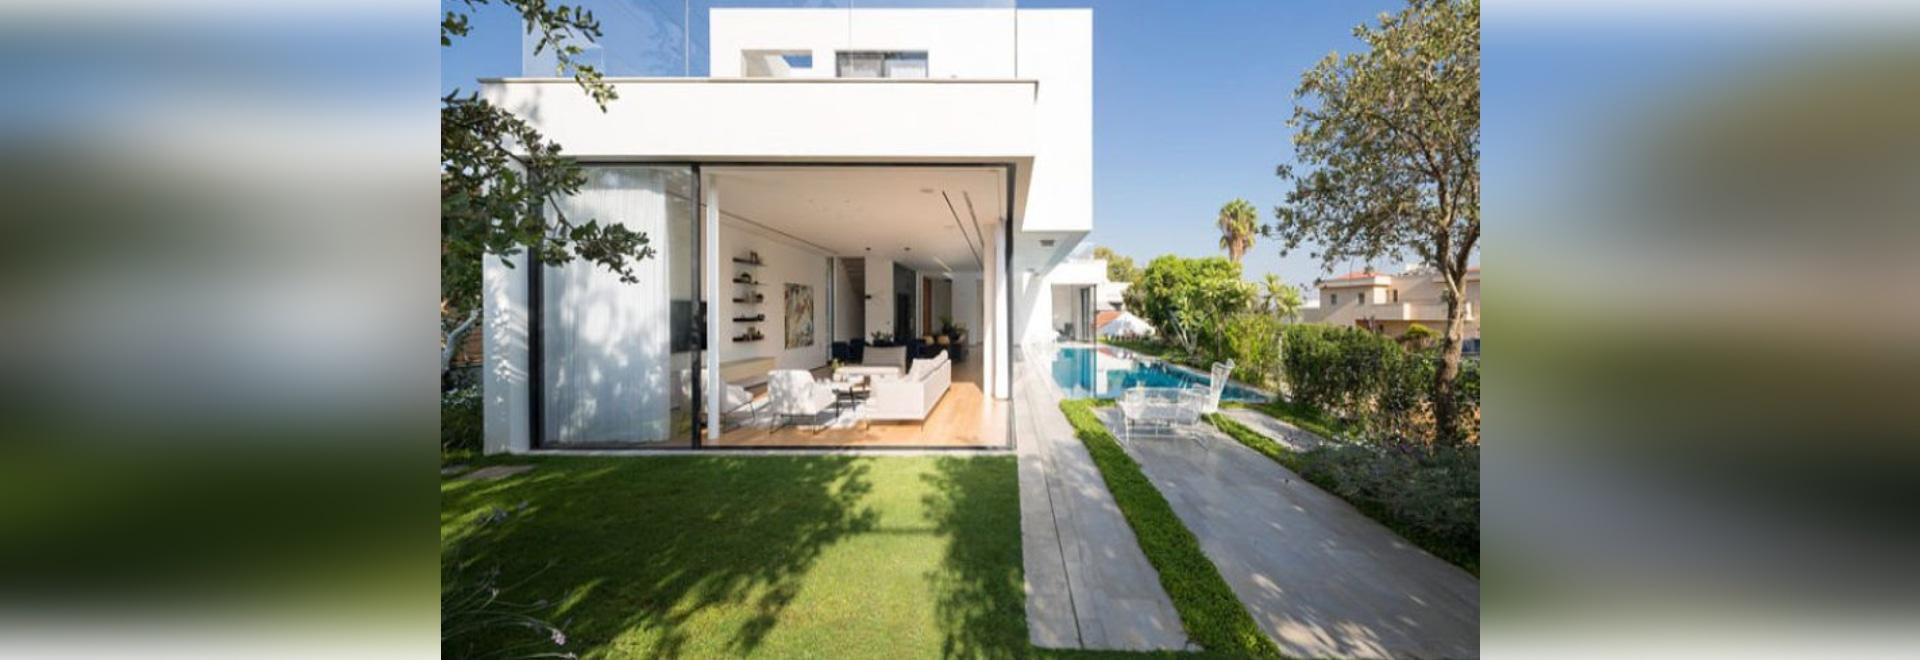 Große gleitende Glaswände geben diesem Haus einfachen Zugang zum ...